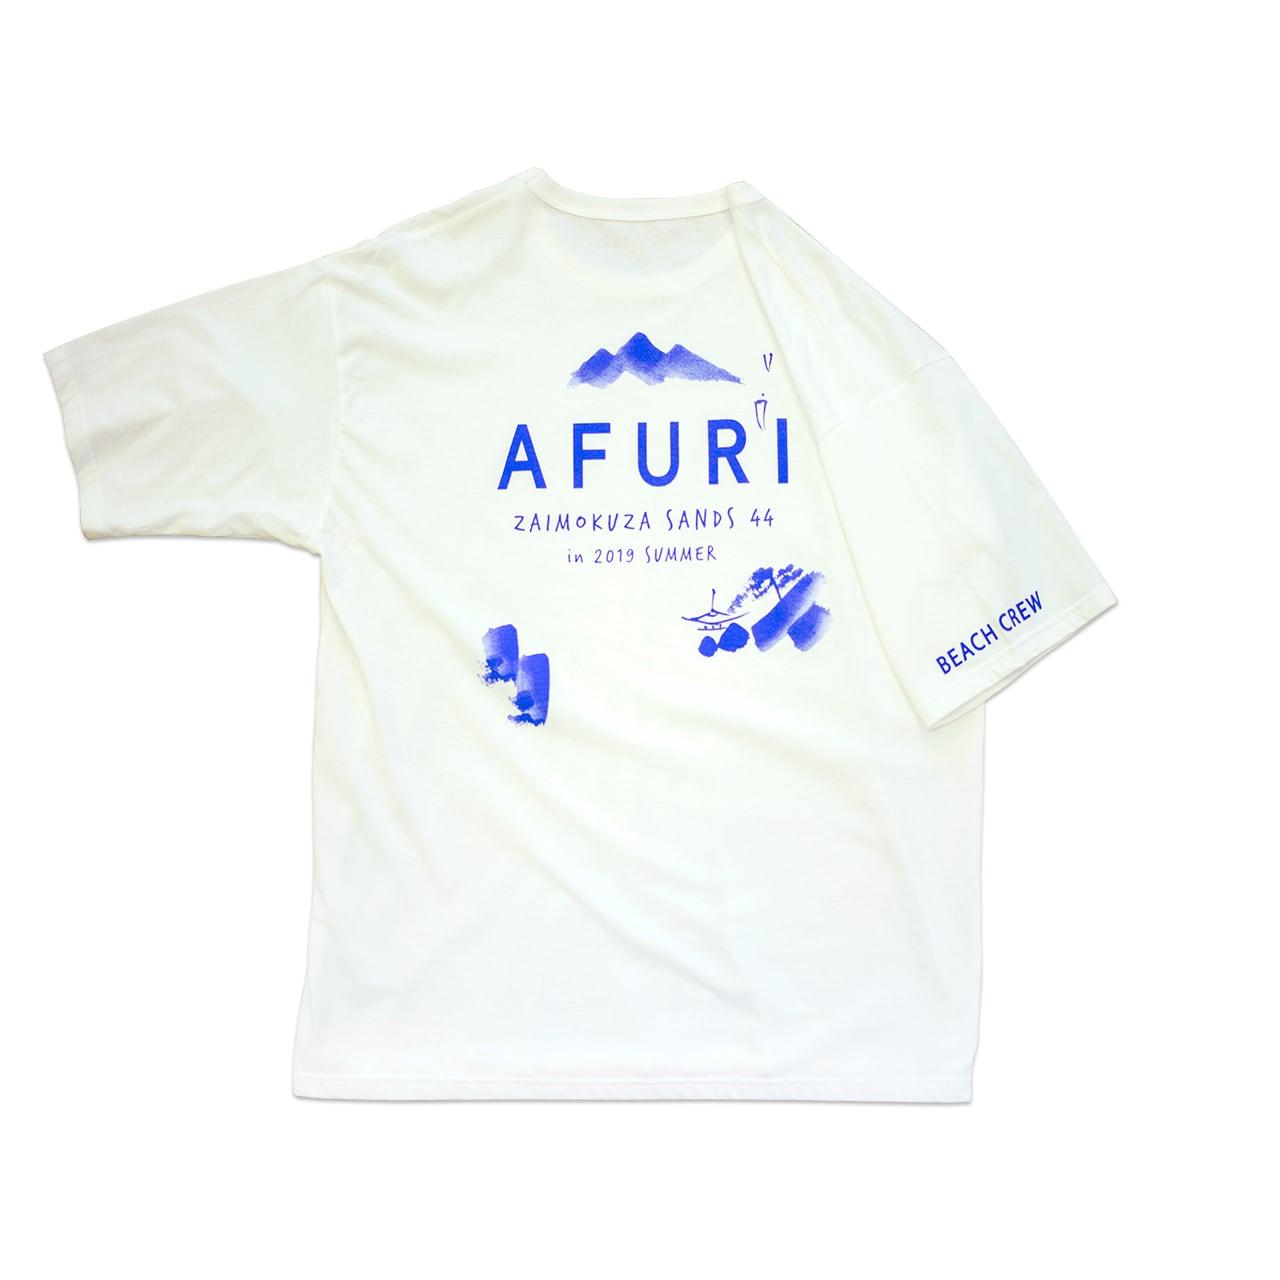 【現品限り】AFURI  オリジナル  Tシャツ